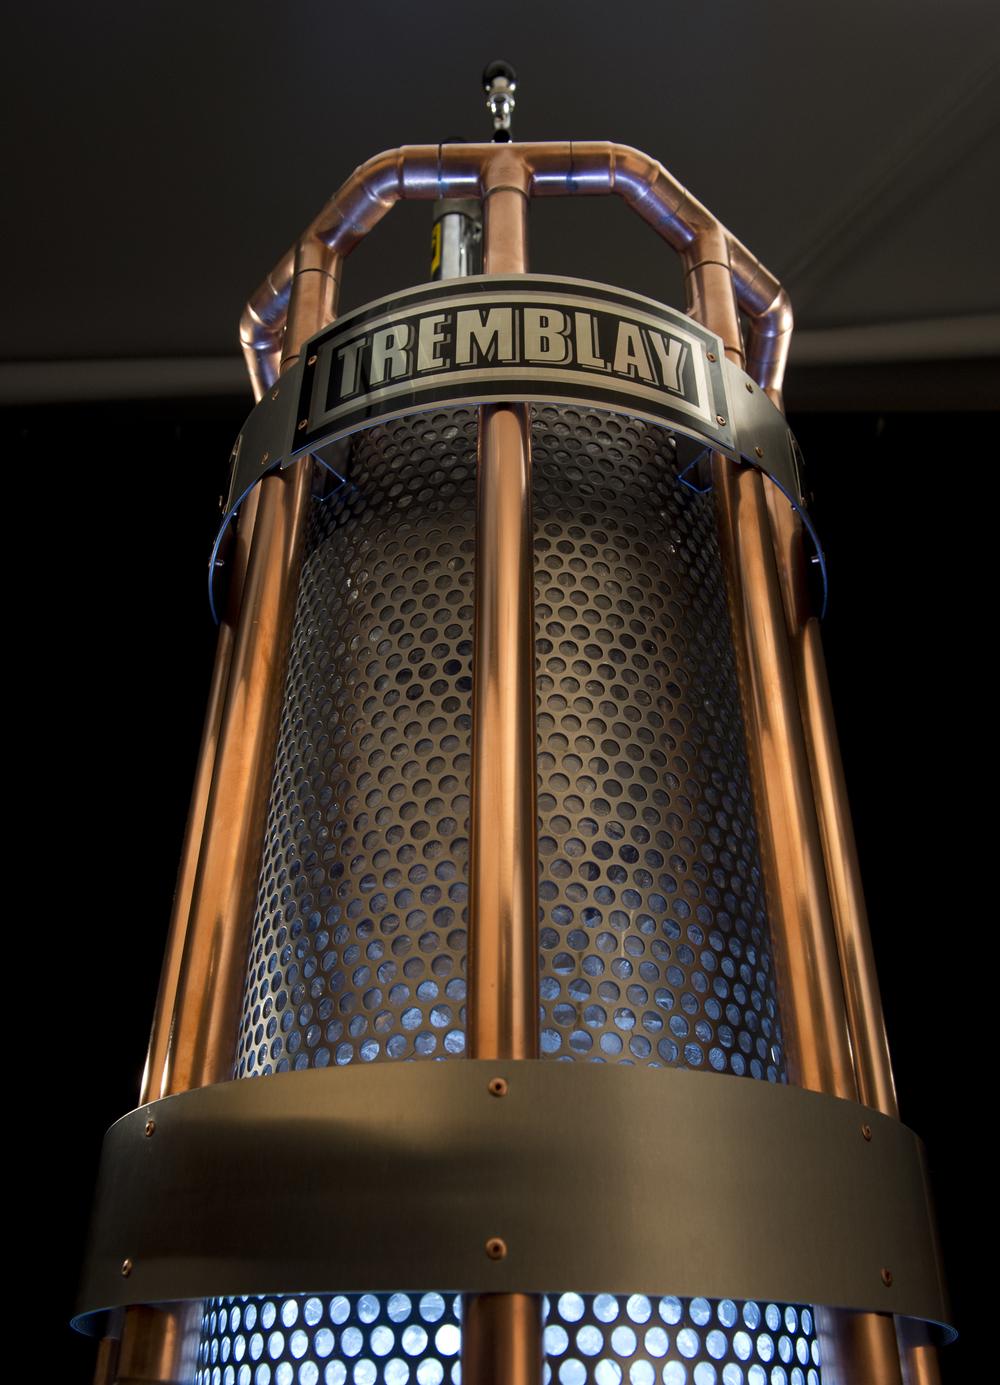 Le trophée tremblée, une création exclusive de totem urbain pour la lfa et les brasseur rj.